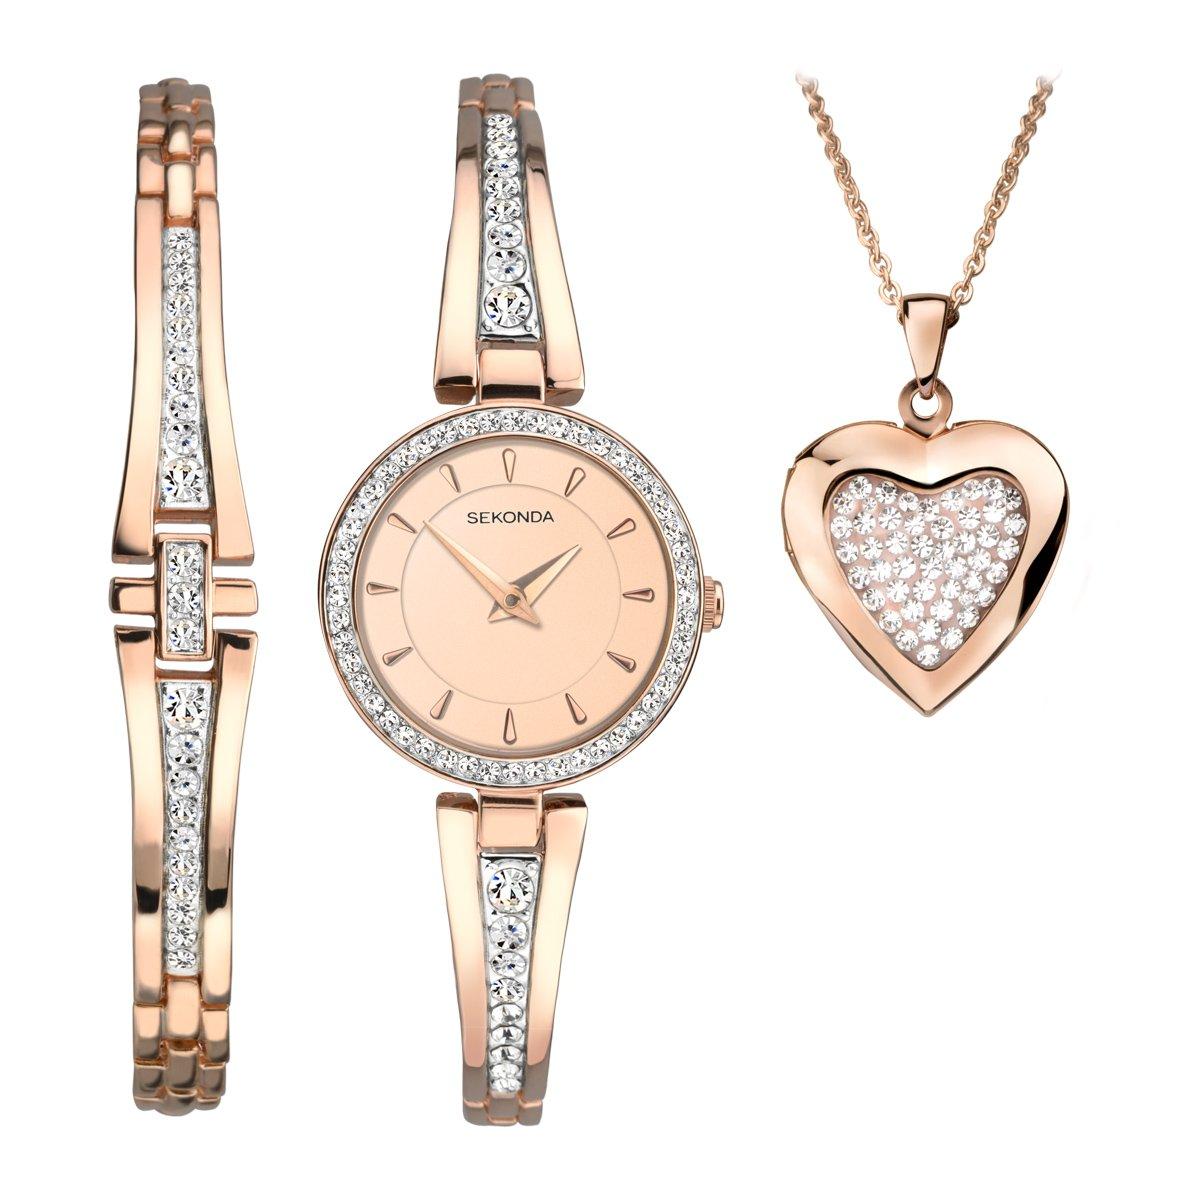 Ženski Sekonda poklon set sa roze zlatnim satom sa cirkonima, roze zlatnom narukvicom sa cirkonima i roze zlatnom ogrlicom sa priveskom srca sa cirkonima